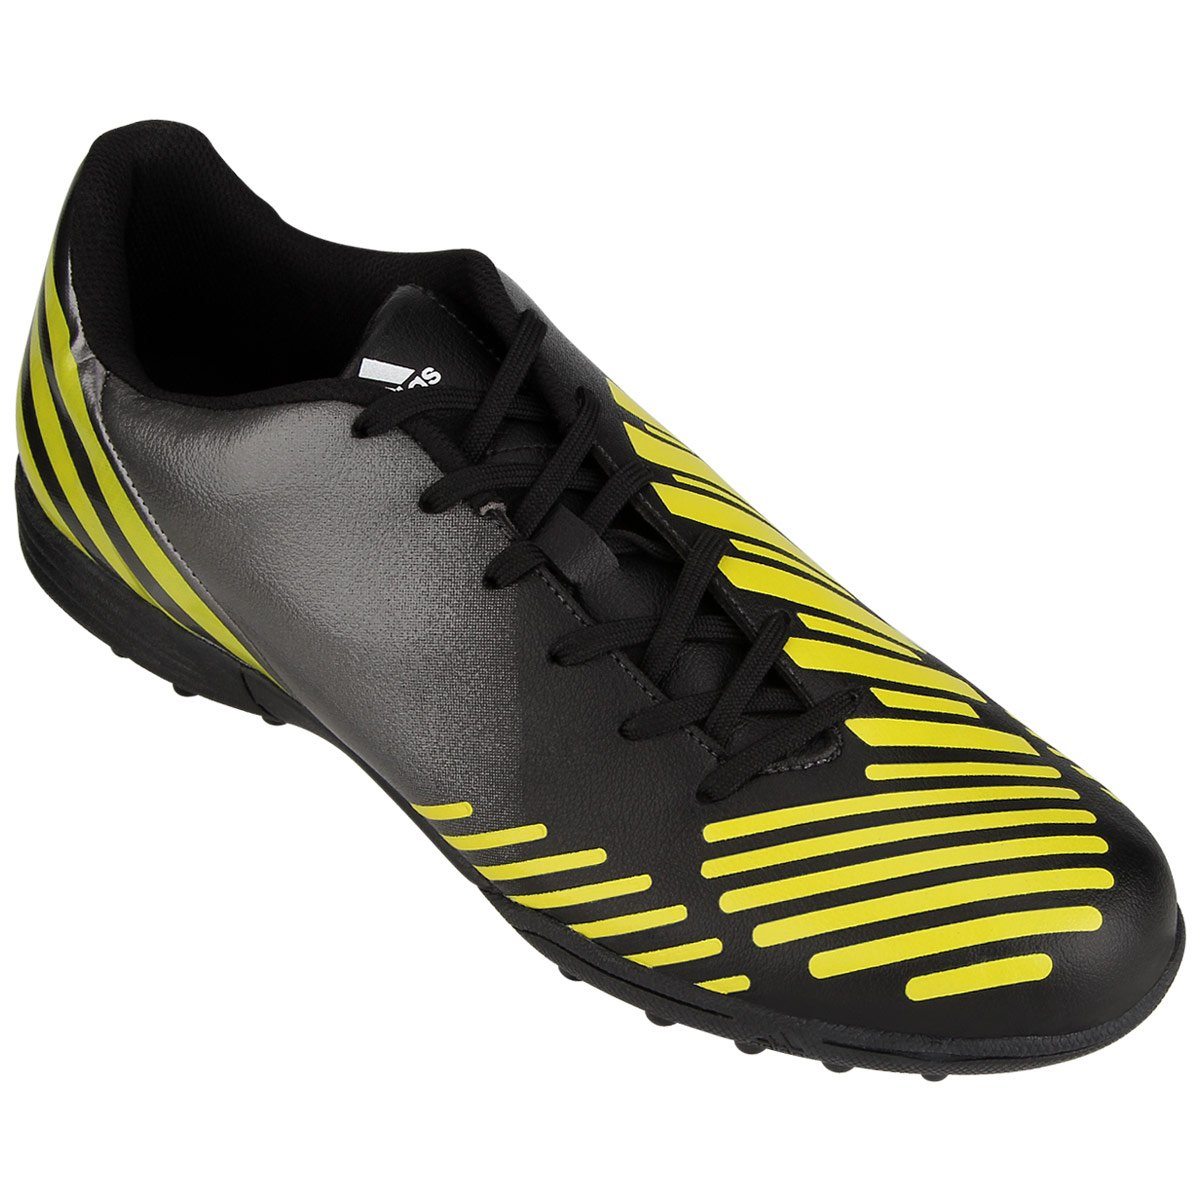 be1abcea00 Chuteira Adidas Predito LZ TRX TF - Compre Agora